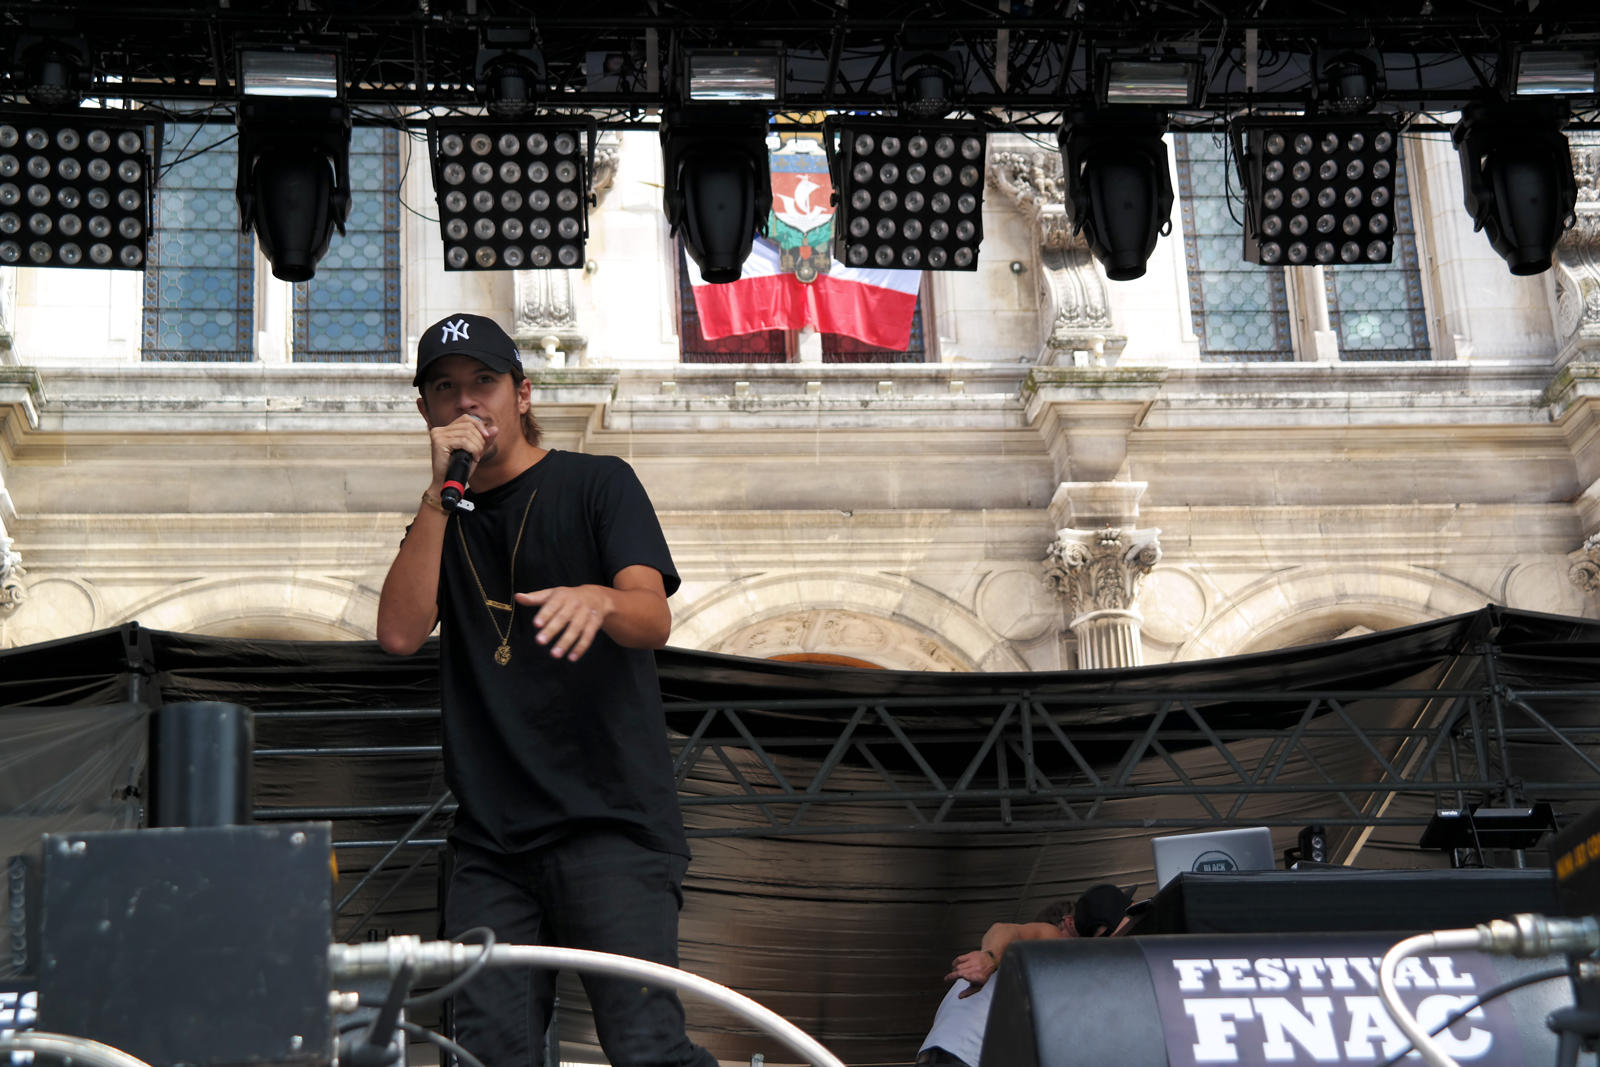 Nekfeu-Ken-Samaras-rappeur-concert-fnaclive-2015-festival-live-tournée-feu-album-tour-stage-photo-scène-by-united-states-of-paris-blog